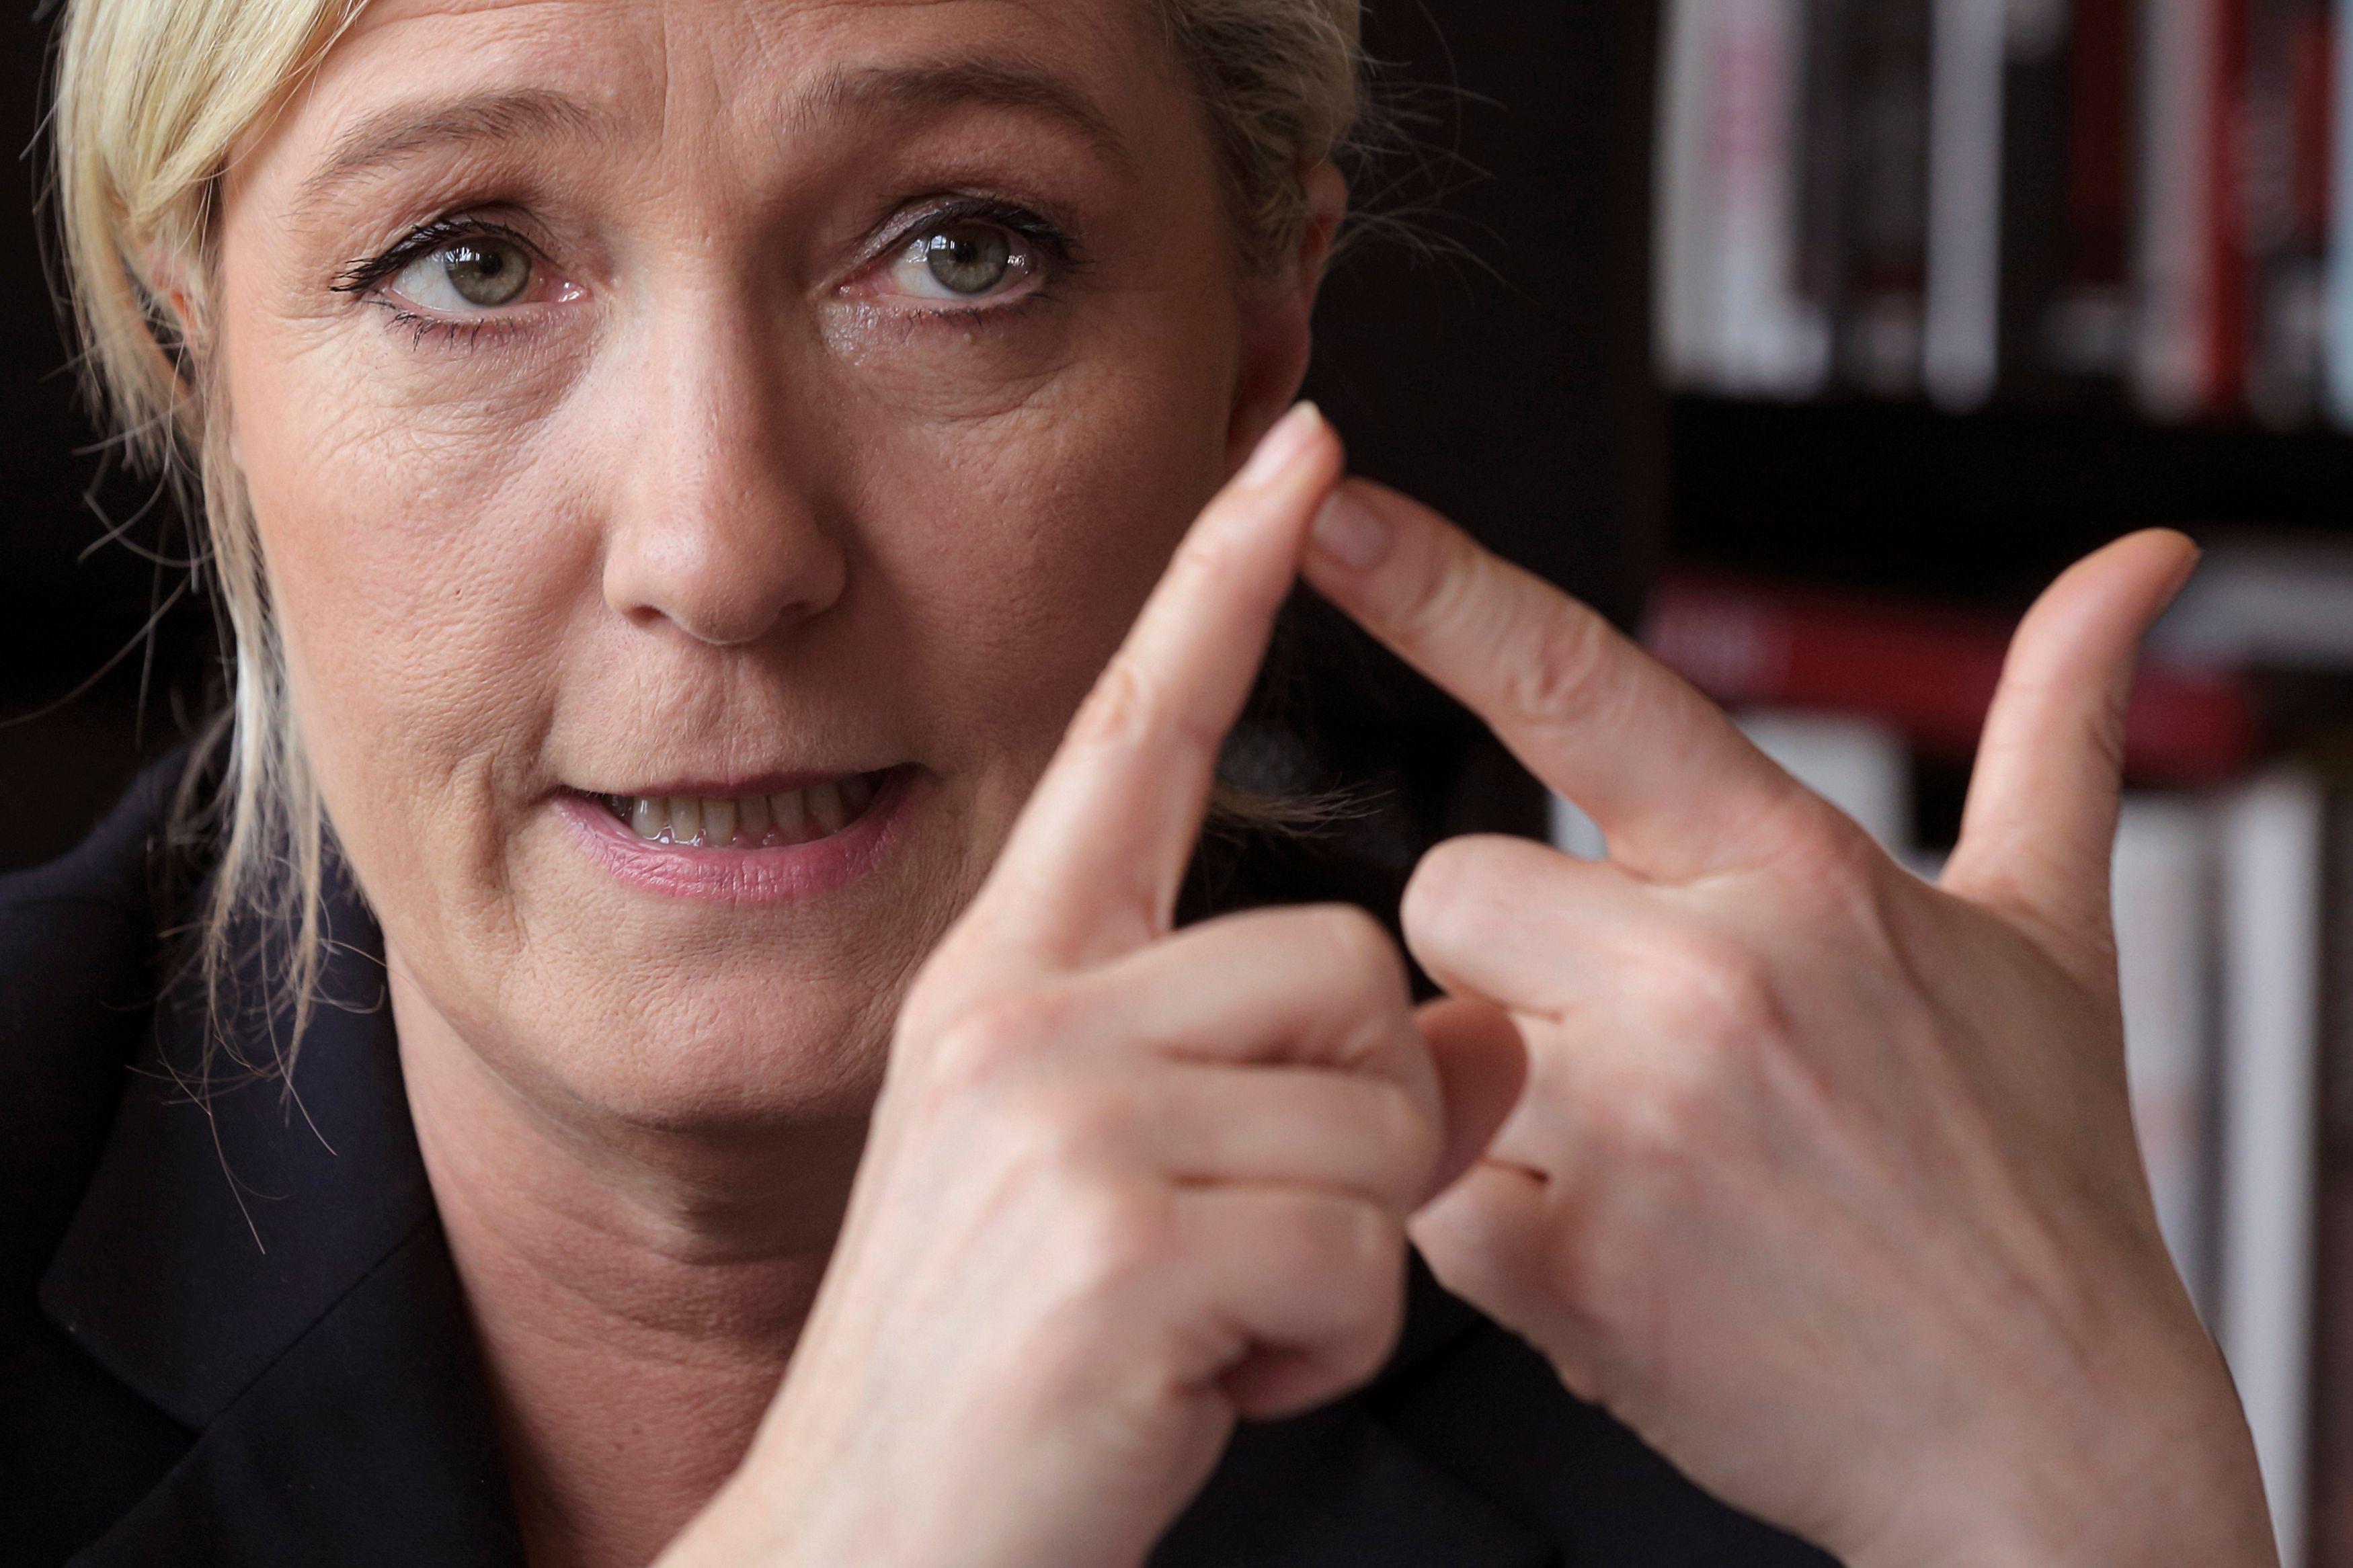 """Marine Le Pen avait déjà évoqué en 2013 la """"tuberculose multirésistante concernant des immigrés d'Europe de l'Est""""."""